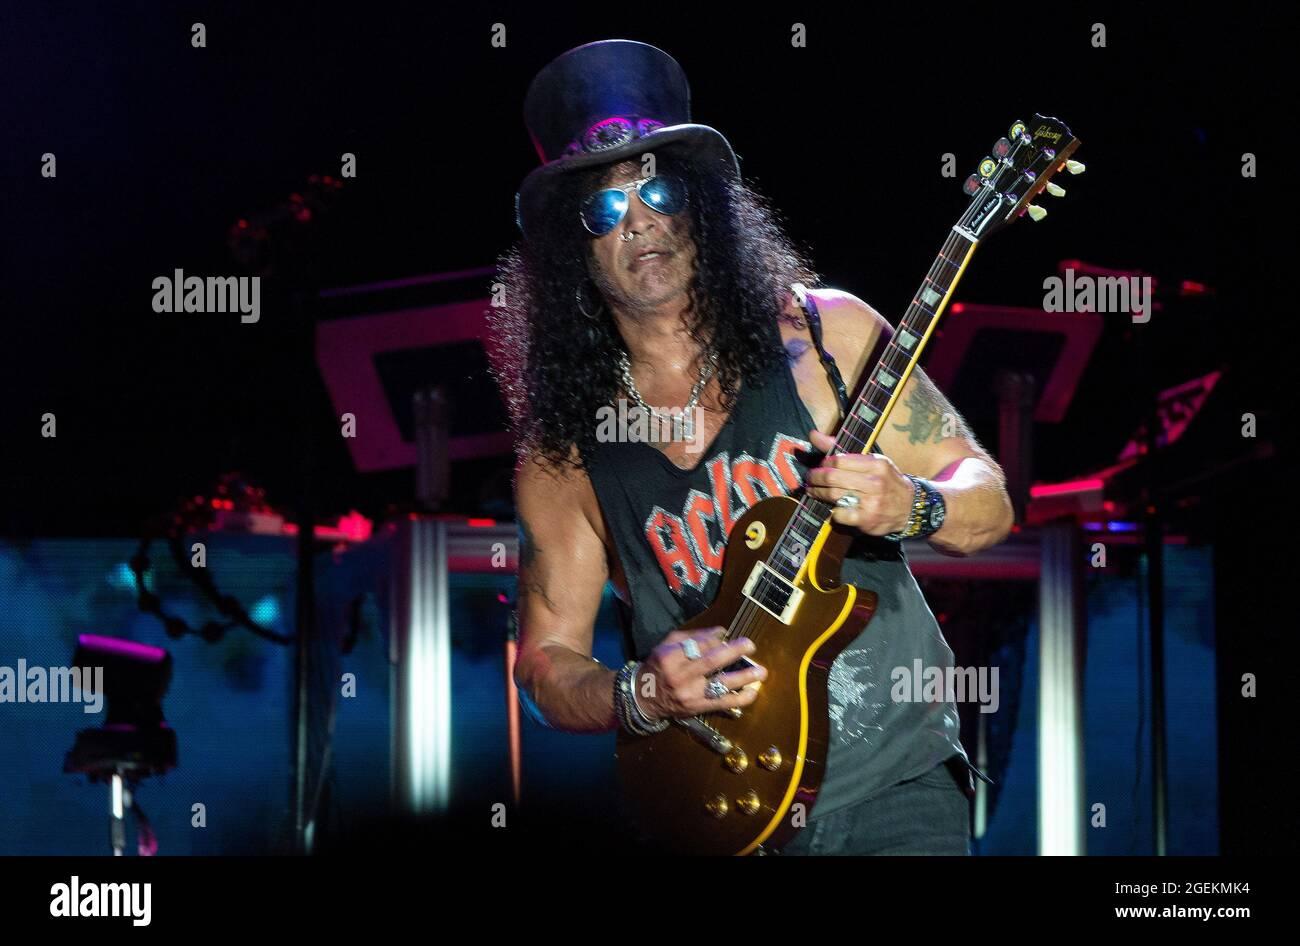 19 agosto 2021, Los Angeles, California, USA: La rock band Guns N' Roses si esibisce dal vivo sul palco per i fan durante un concerto al Banc of California Stadium. (Credit Image: © K.C. Filo Alfred/ZUMA Press) Foto Stock